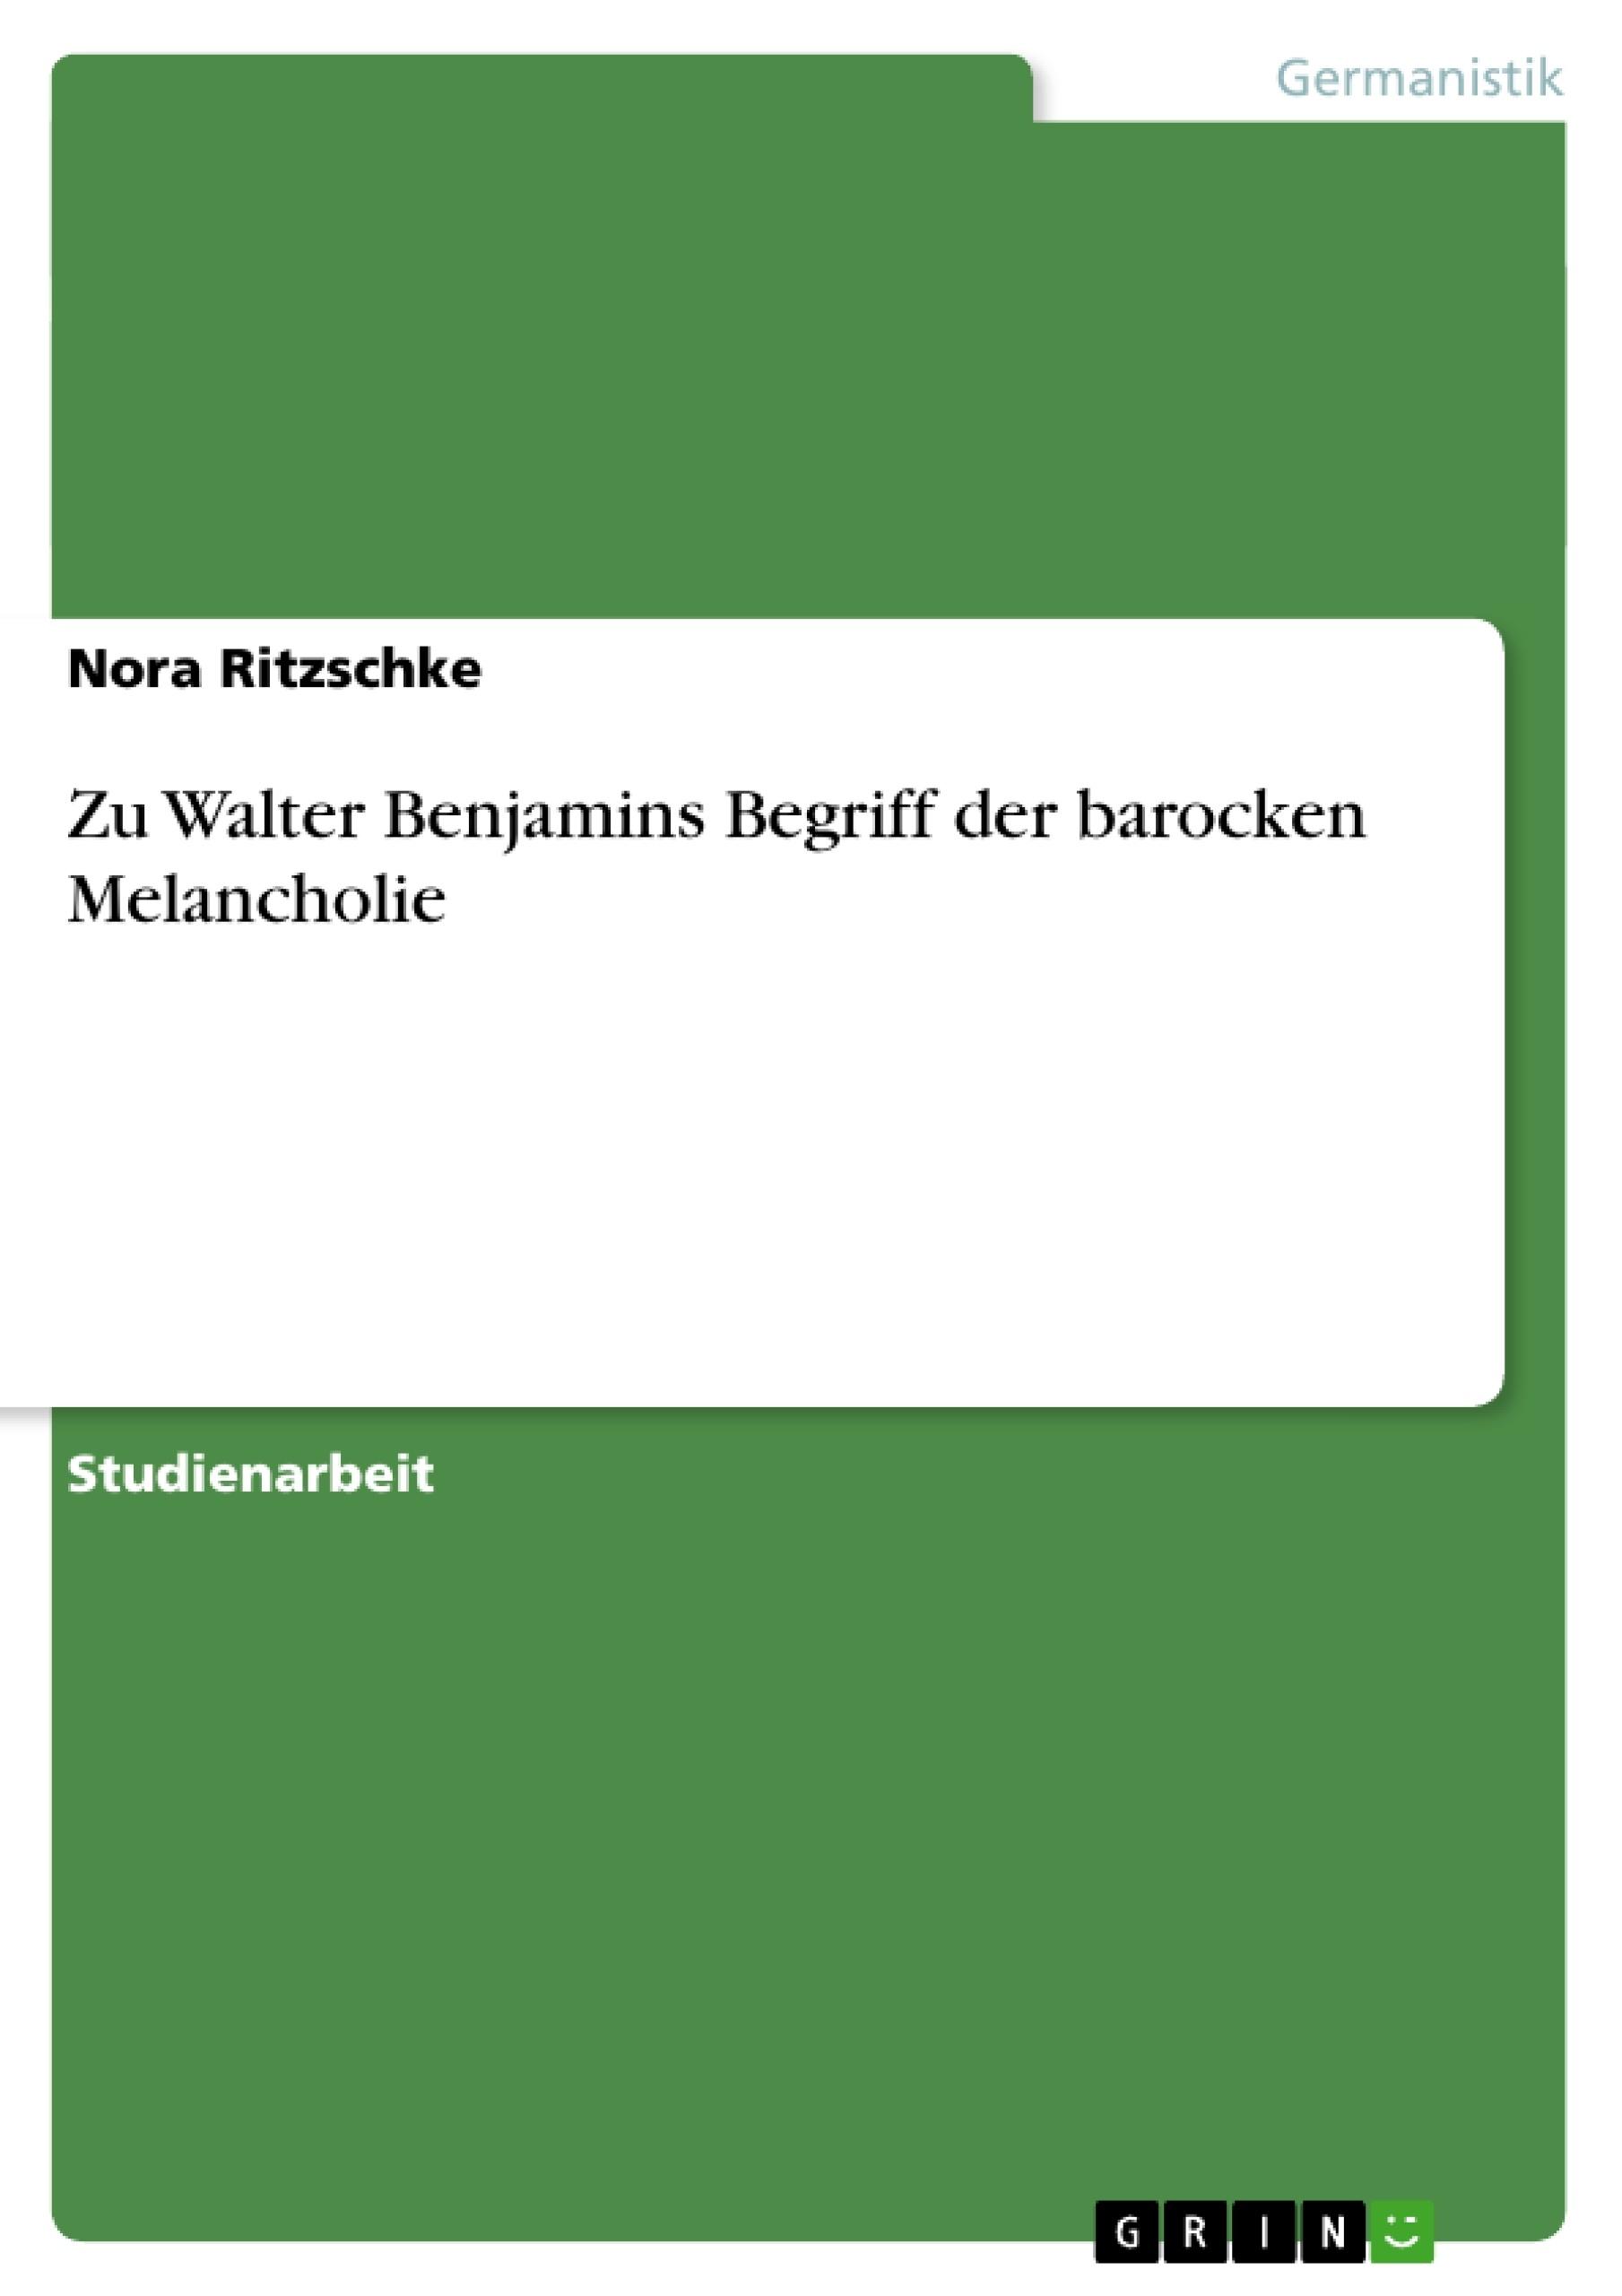 Zu Walter Benjamins Begriff der barocken Melancholie | Masterarbeit ...